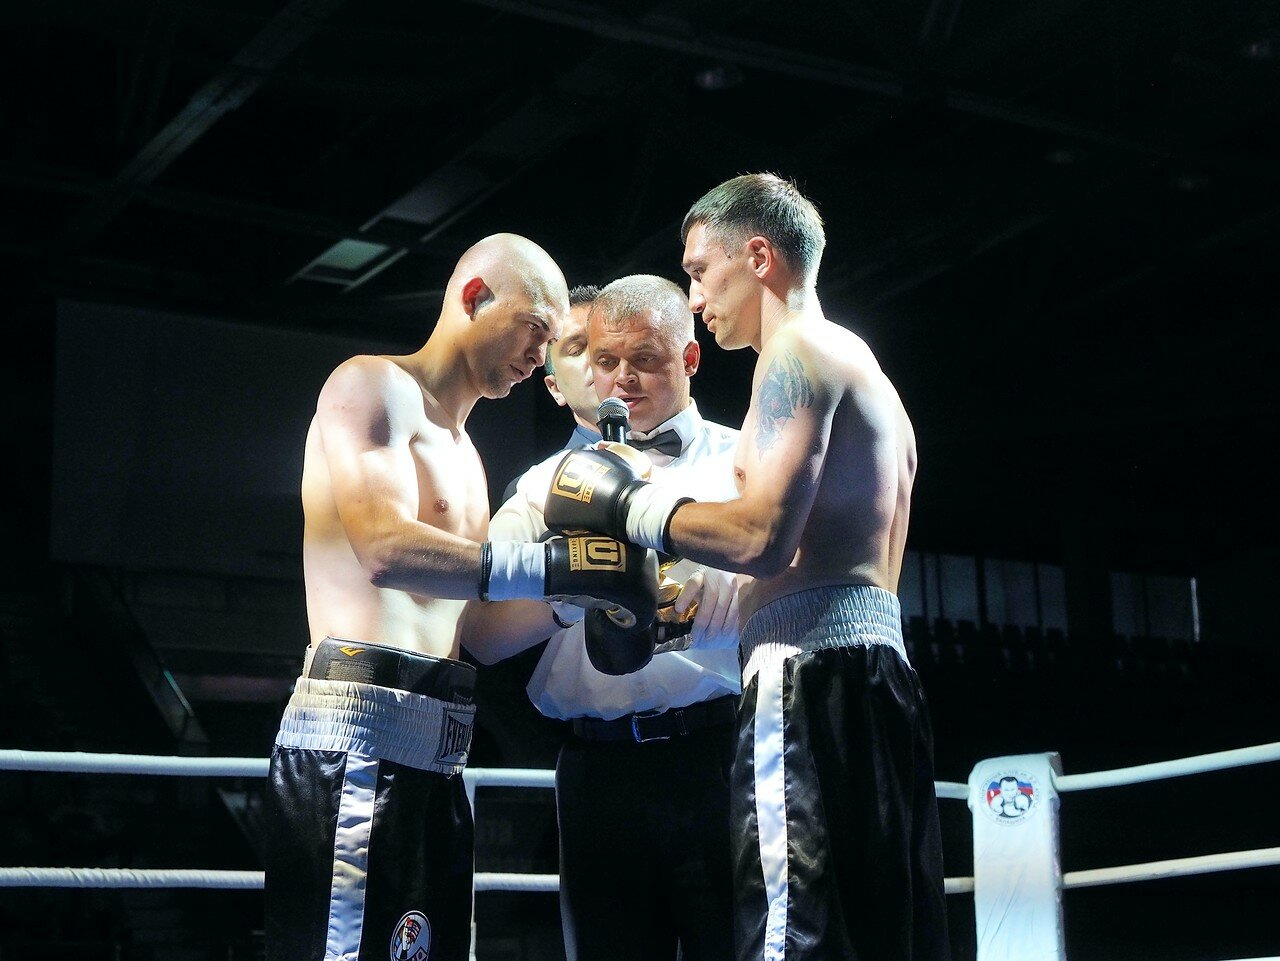 85 Вечер профессионального бокса в Магнитогорске 06.07.2017